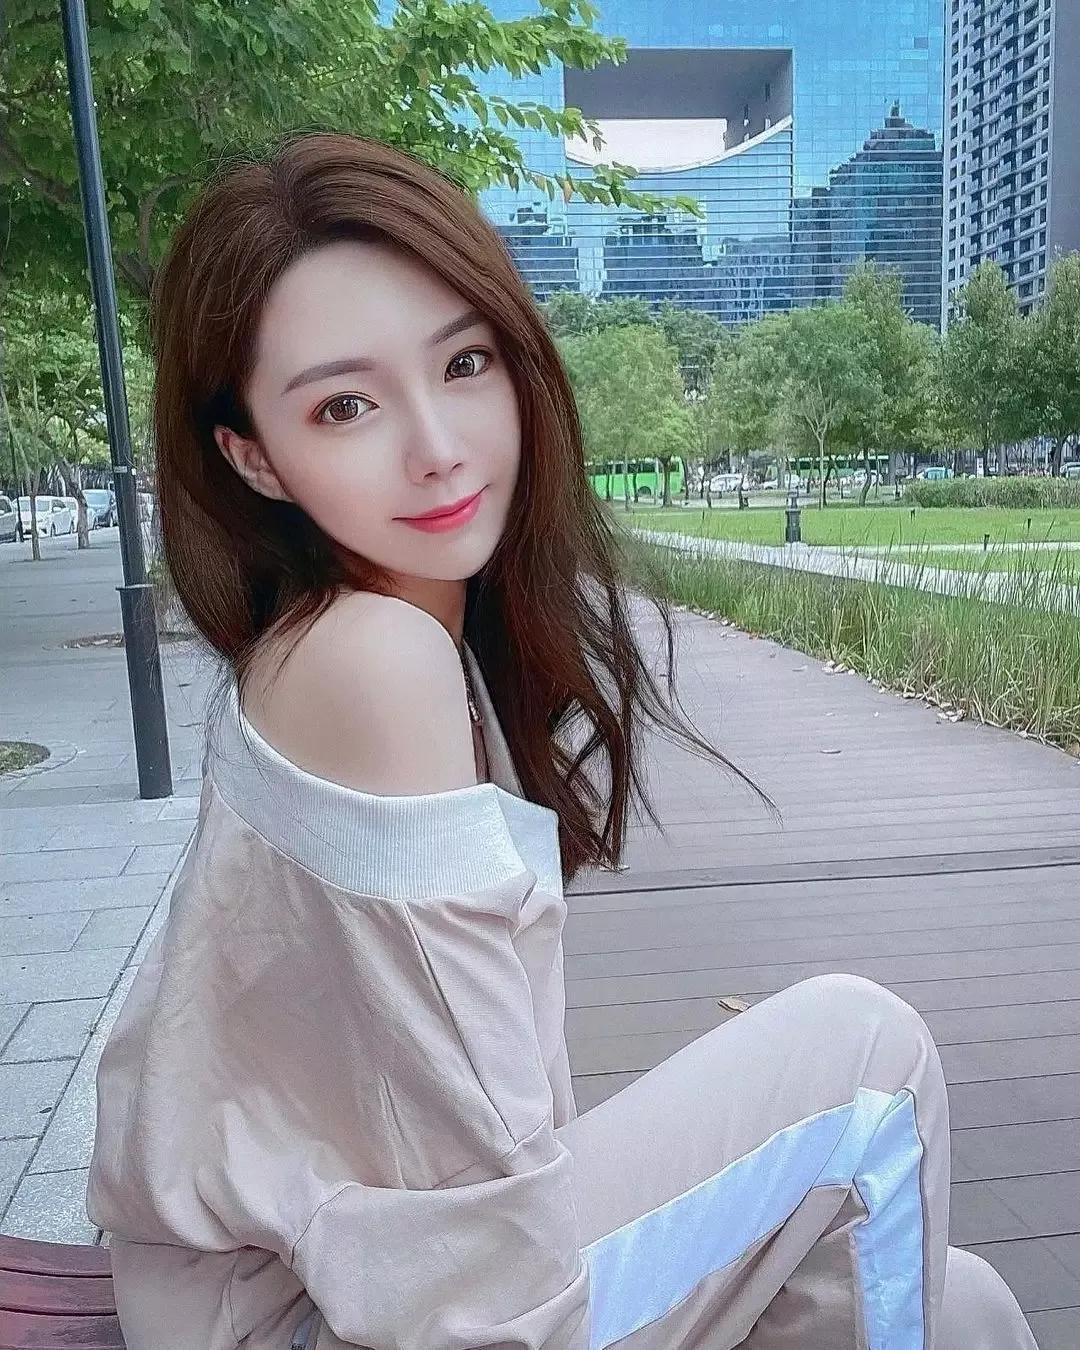 台湾甜美外形高颜值正妹:Shin芯儿